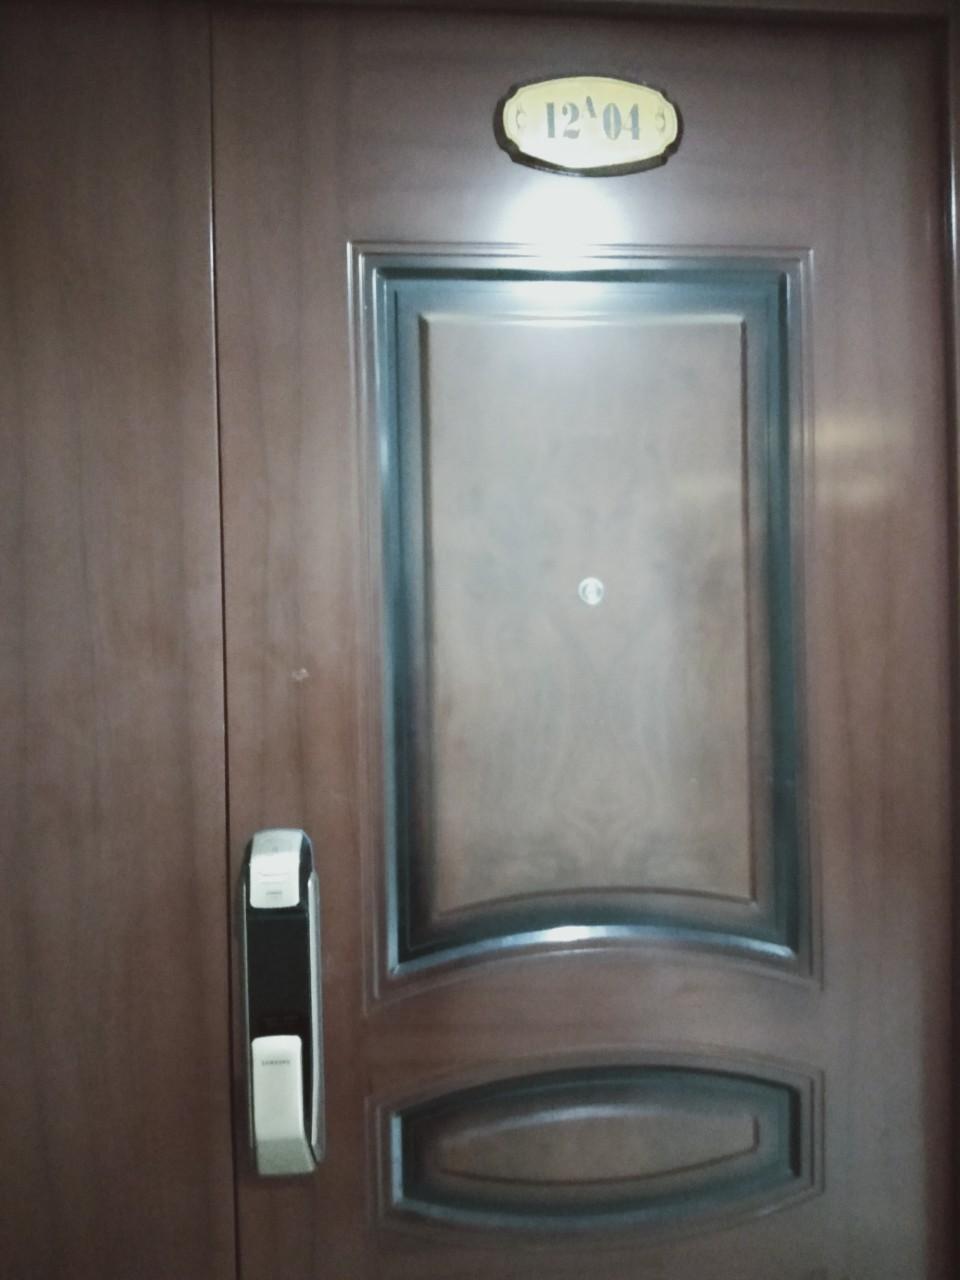 Khóa Samsung SHS-DP728 cho căn chung cư 12A04